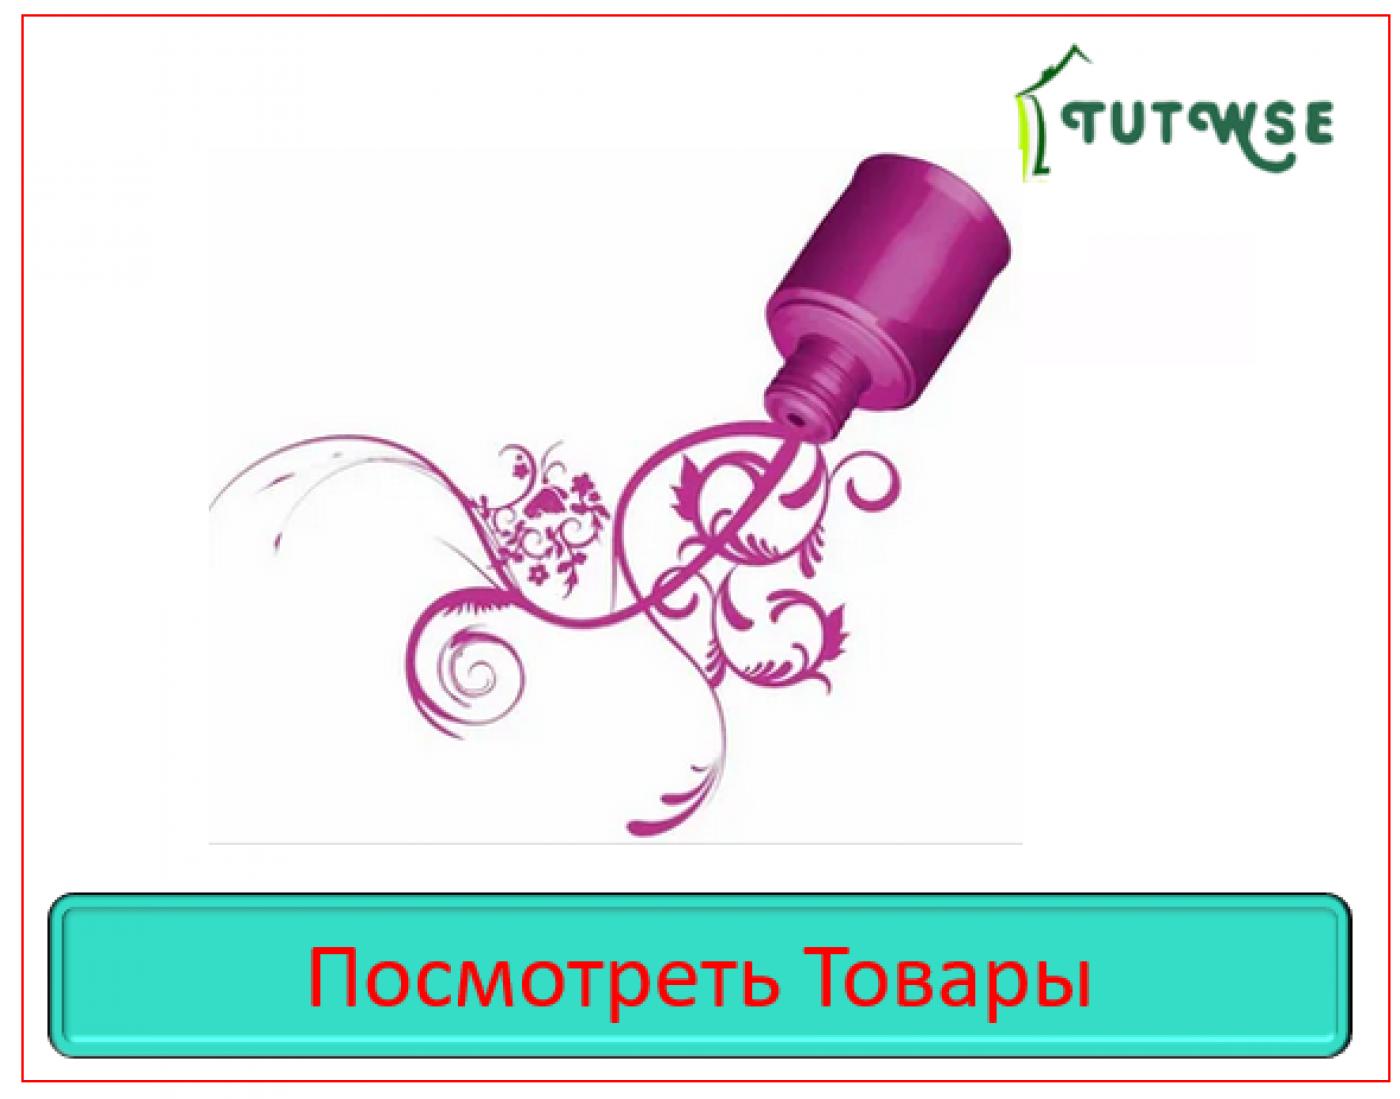 МАНИКЮРНЫЕ ПРИНАДЛЕЖНОСТИ Купить Троицк Москва Санкт петербург